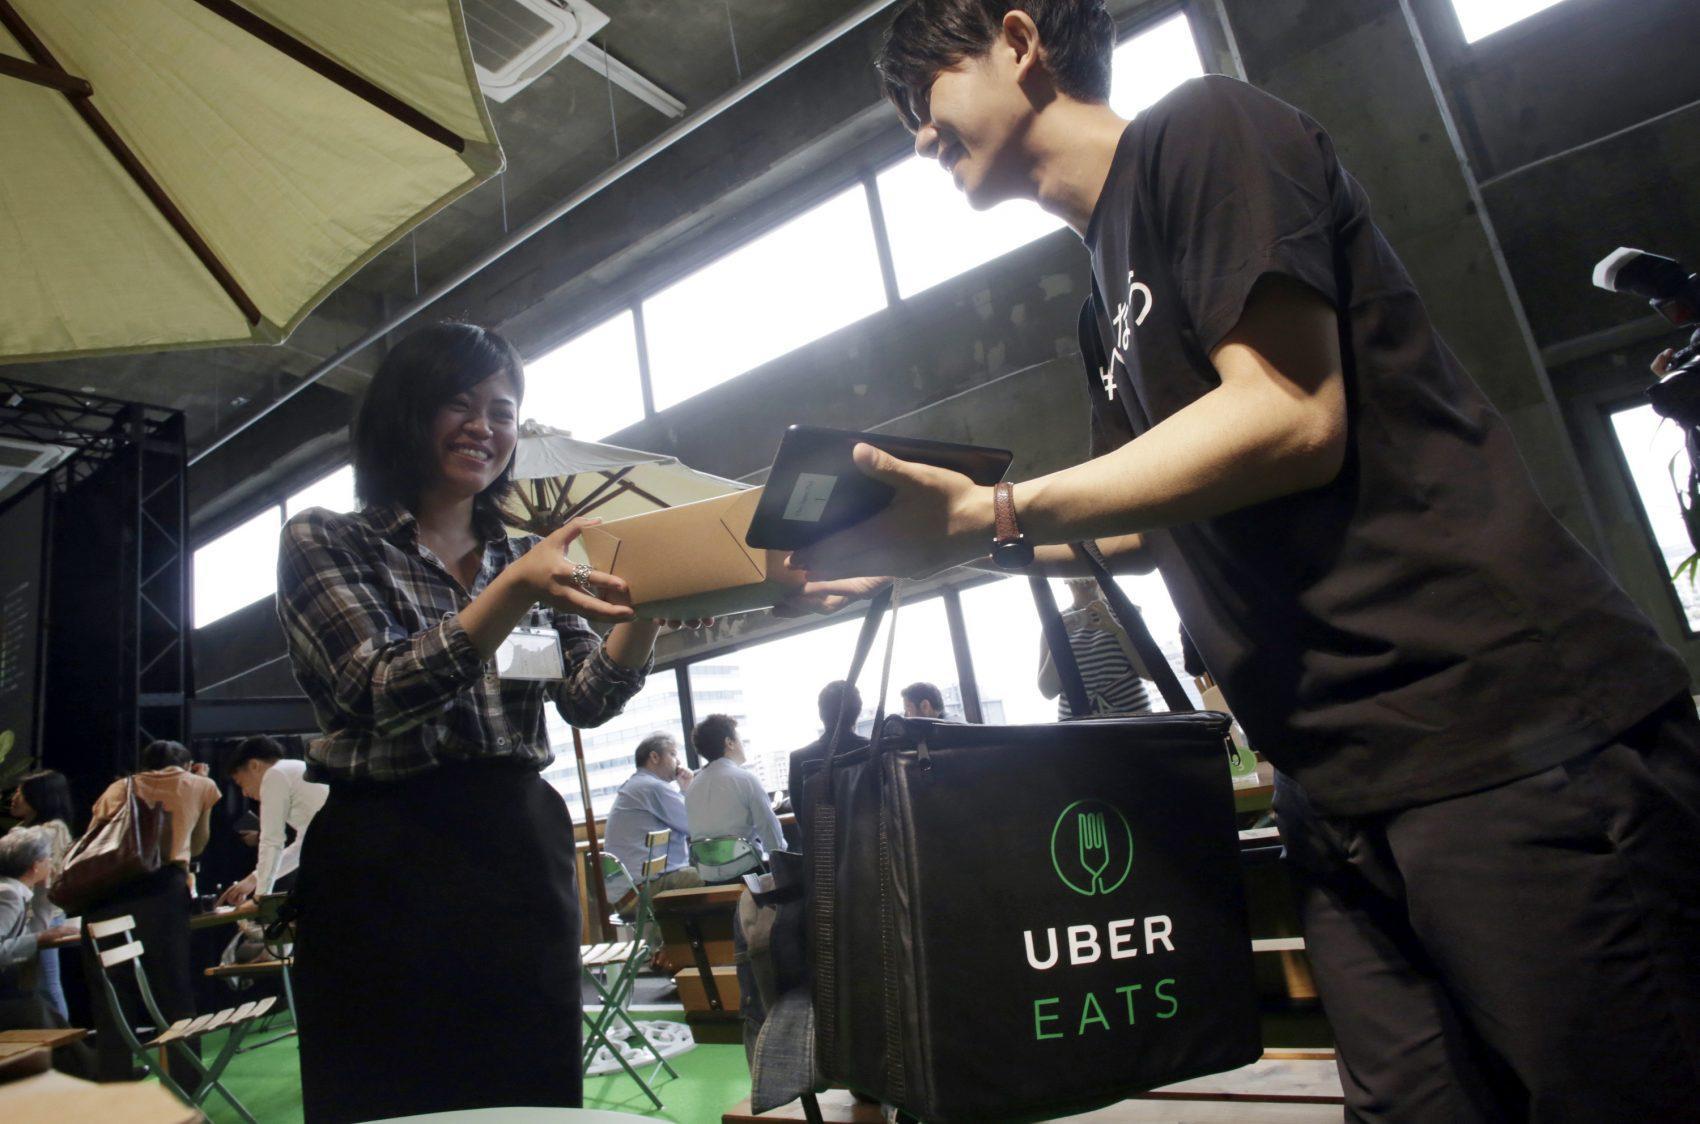 Uber Service That Brings Food